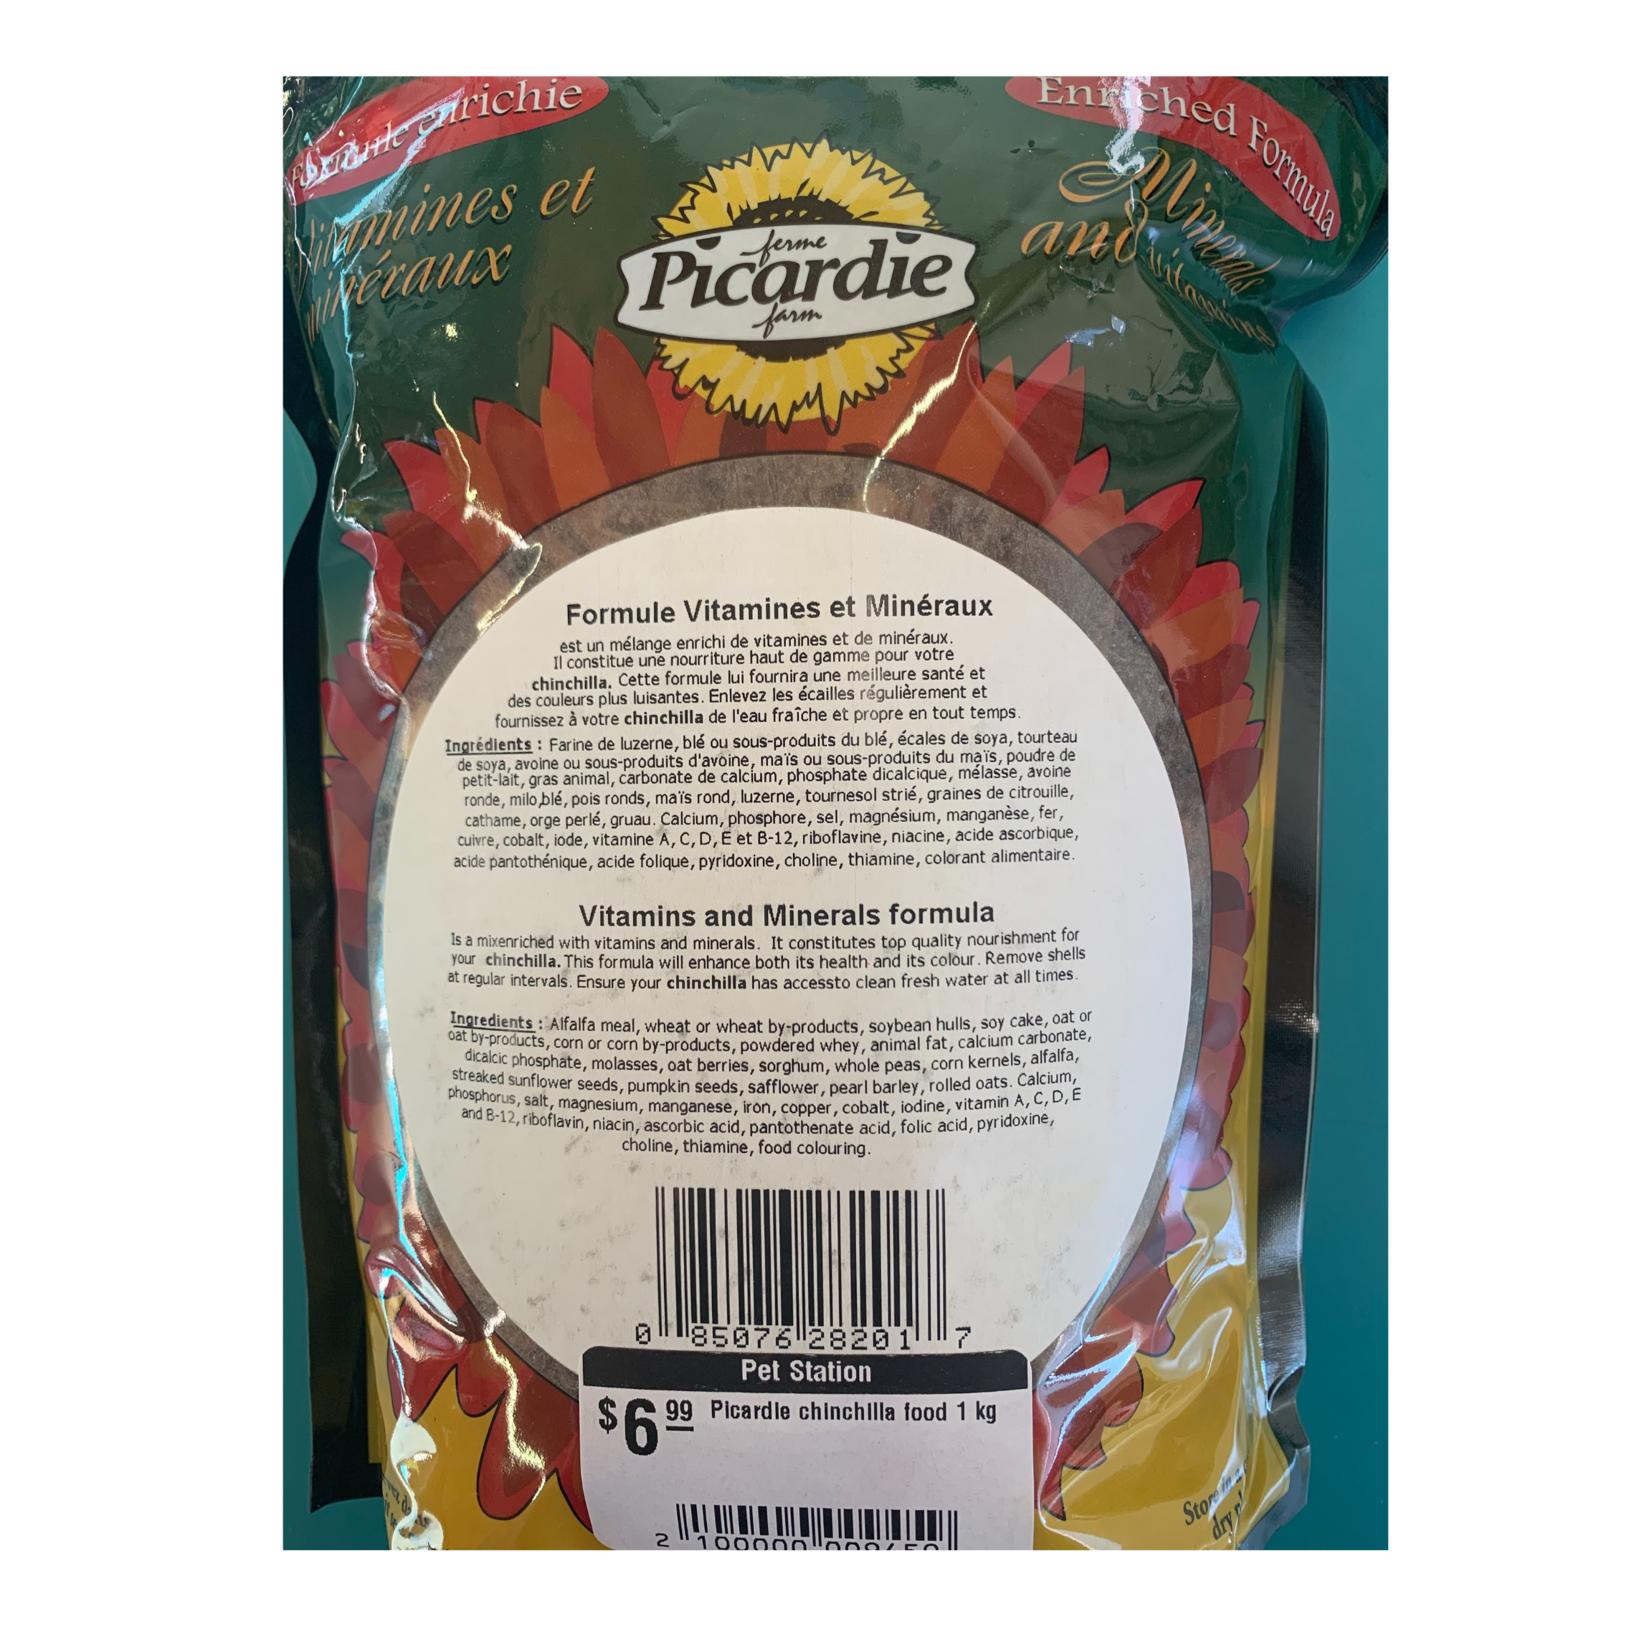 Picardie chinchilla food 1 kg